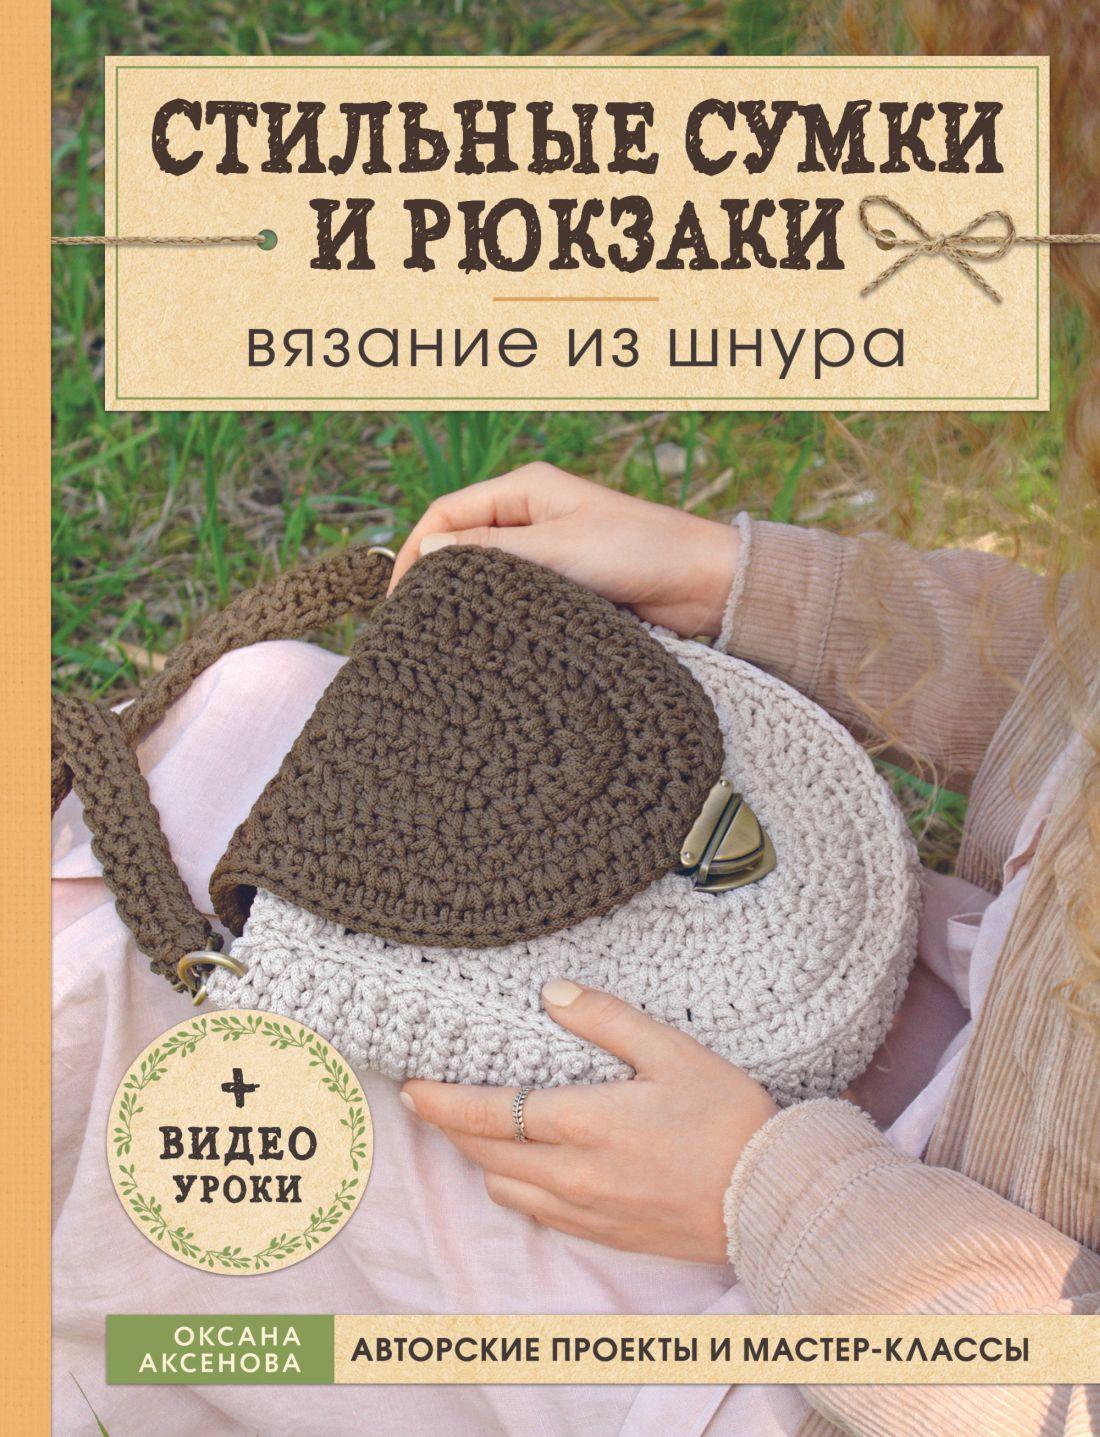 Вязание из шнура. Стильные сумки и рюкзаки